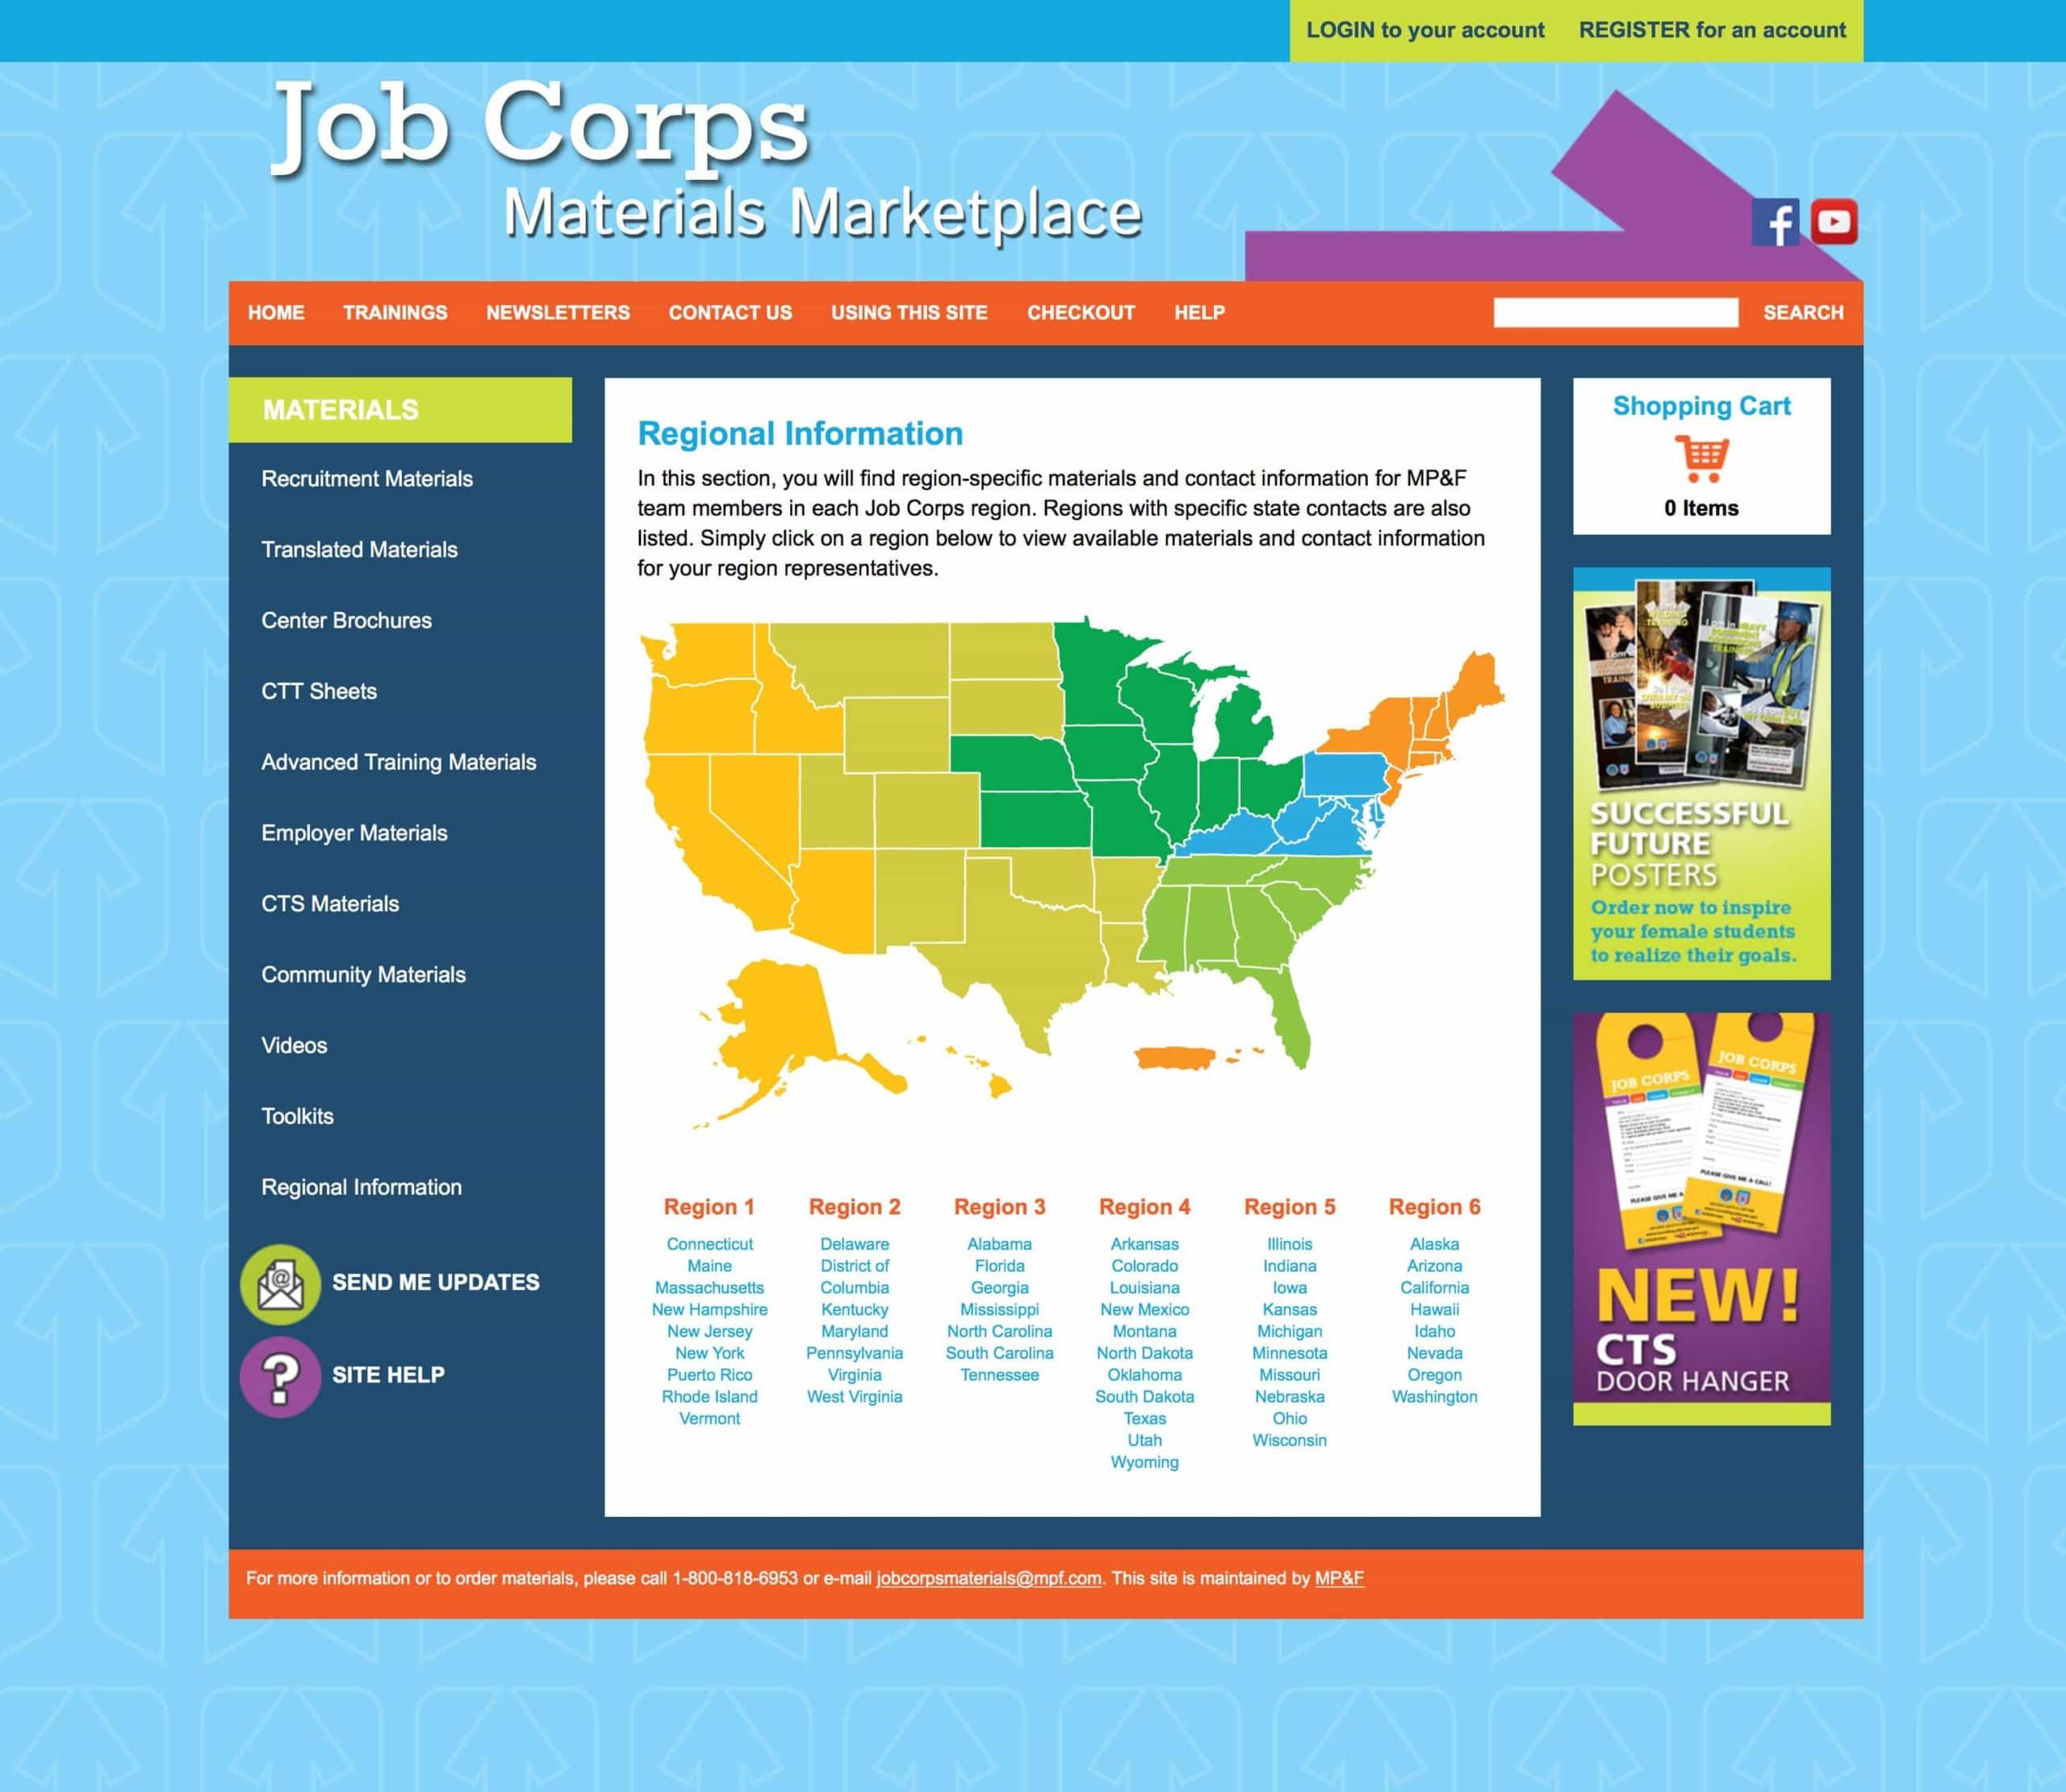 Job Corps - Website Design